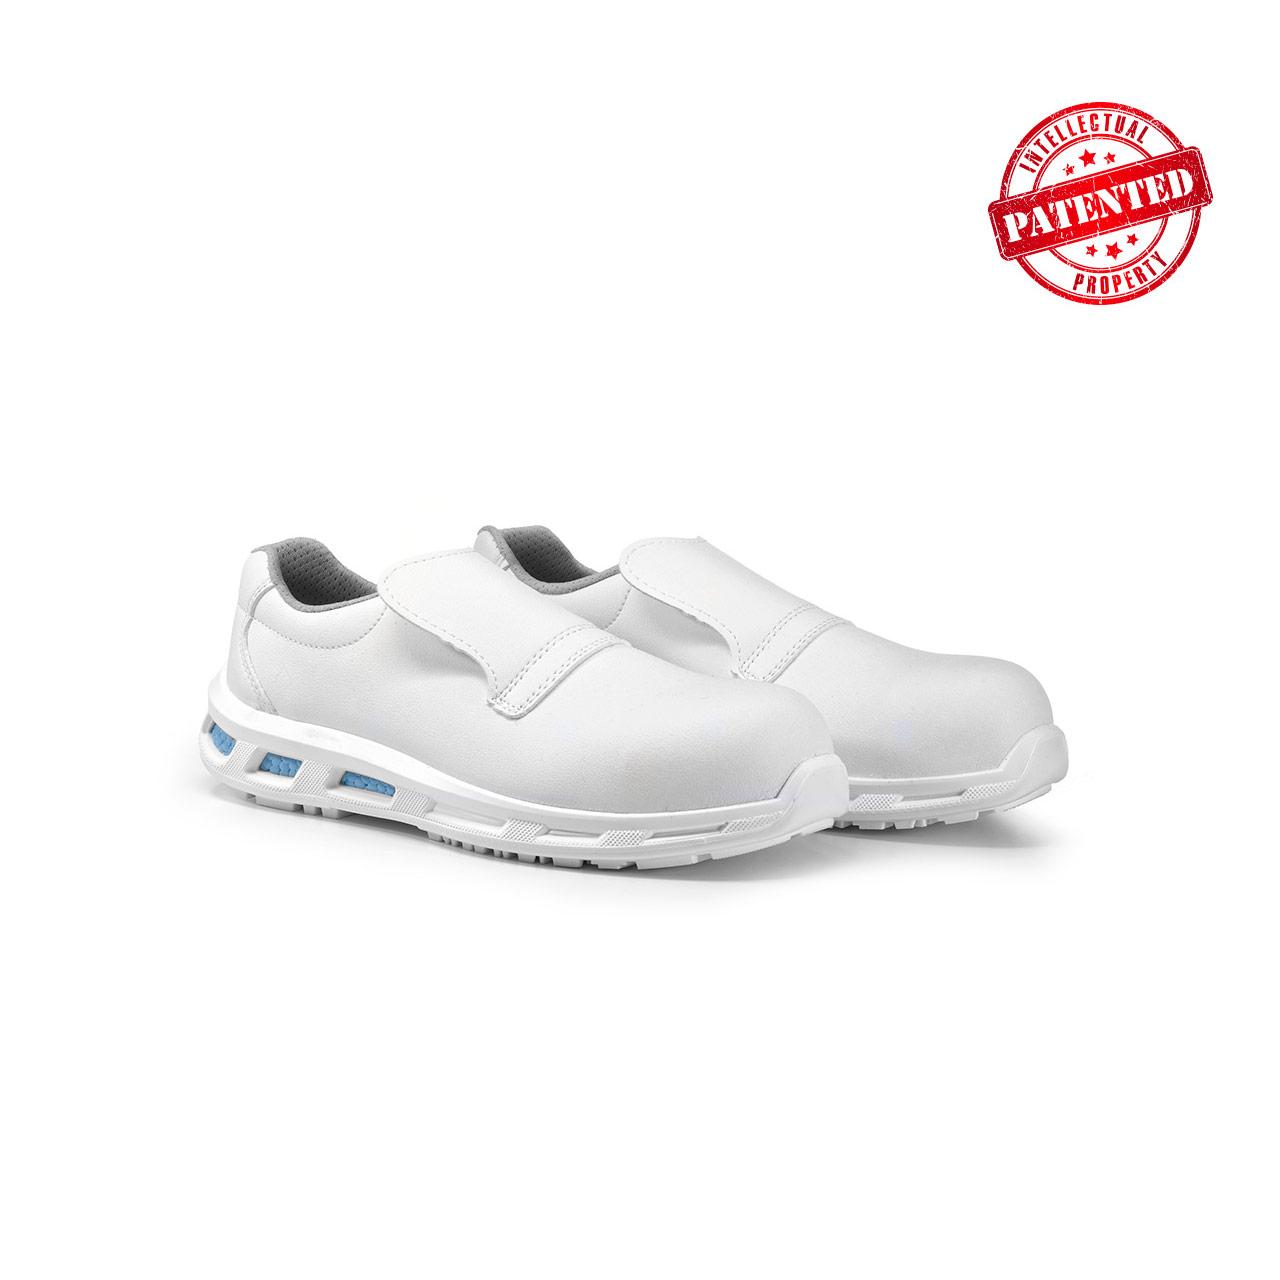 paio di scarpe antinfortunistiche upower modello blanco linea redlion vista prospettica